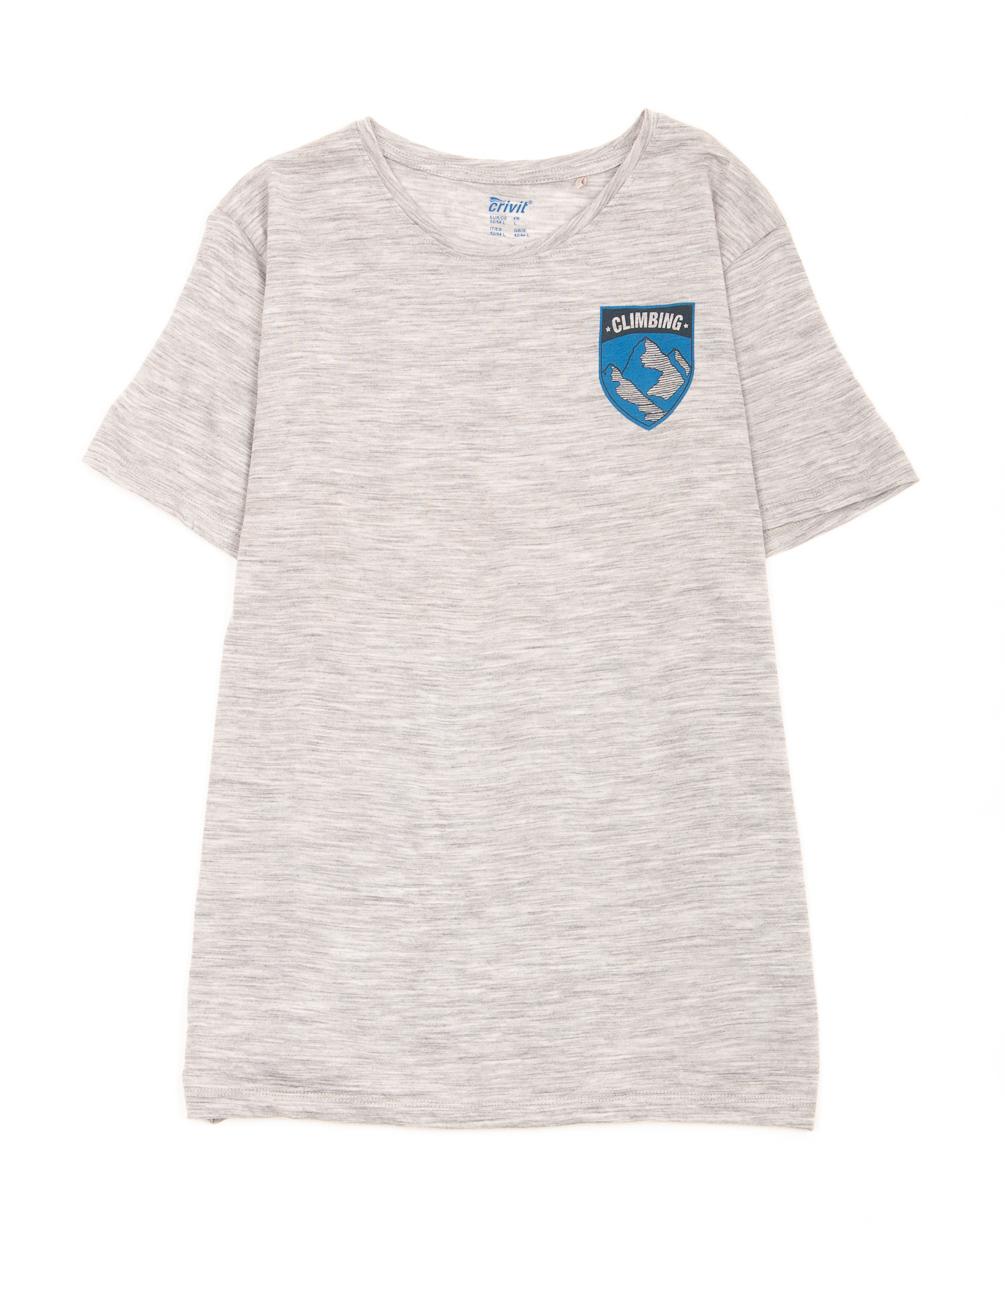 Футболка Crivit М0108131 (308780) цвет серый